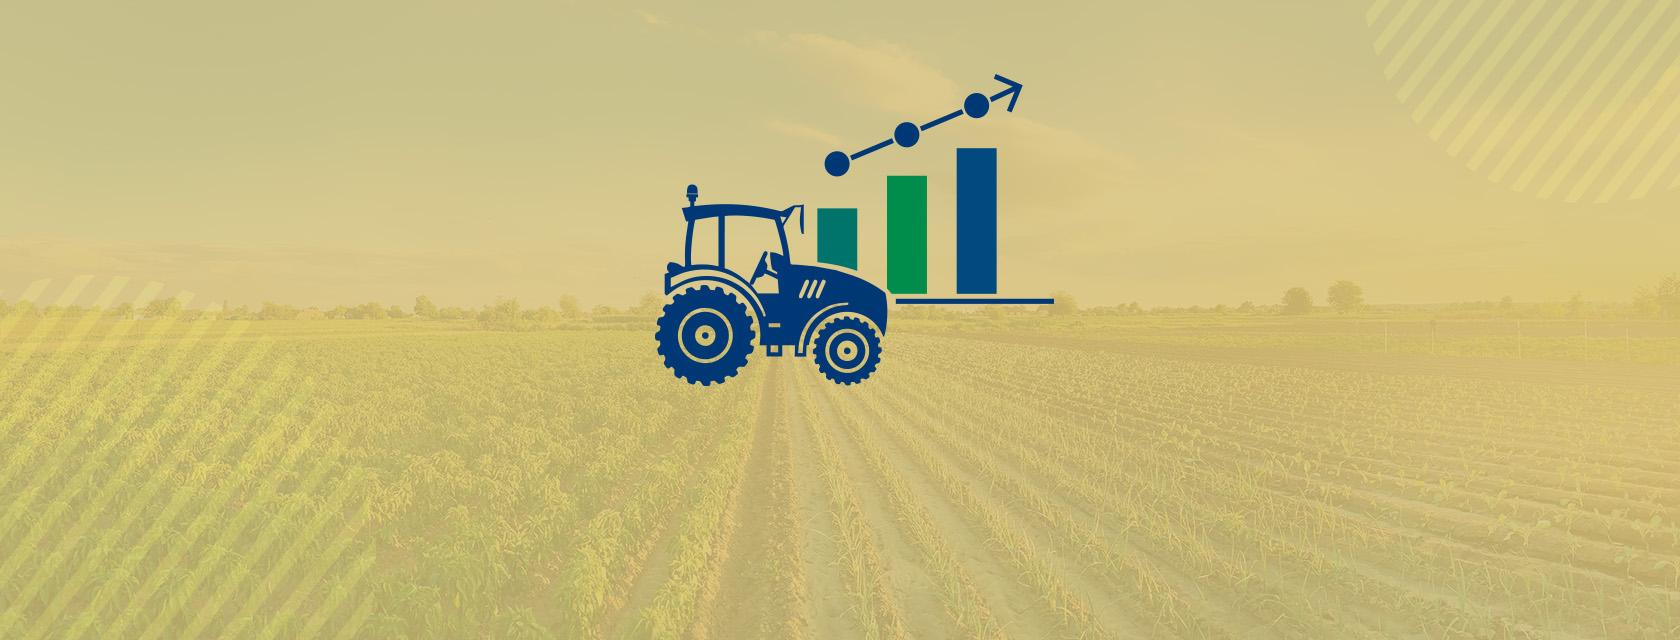 Contabilidade no agronegócio é recurso para expandir mercados e aumentar lucratividade